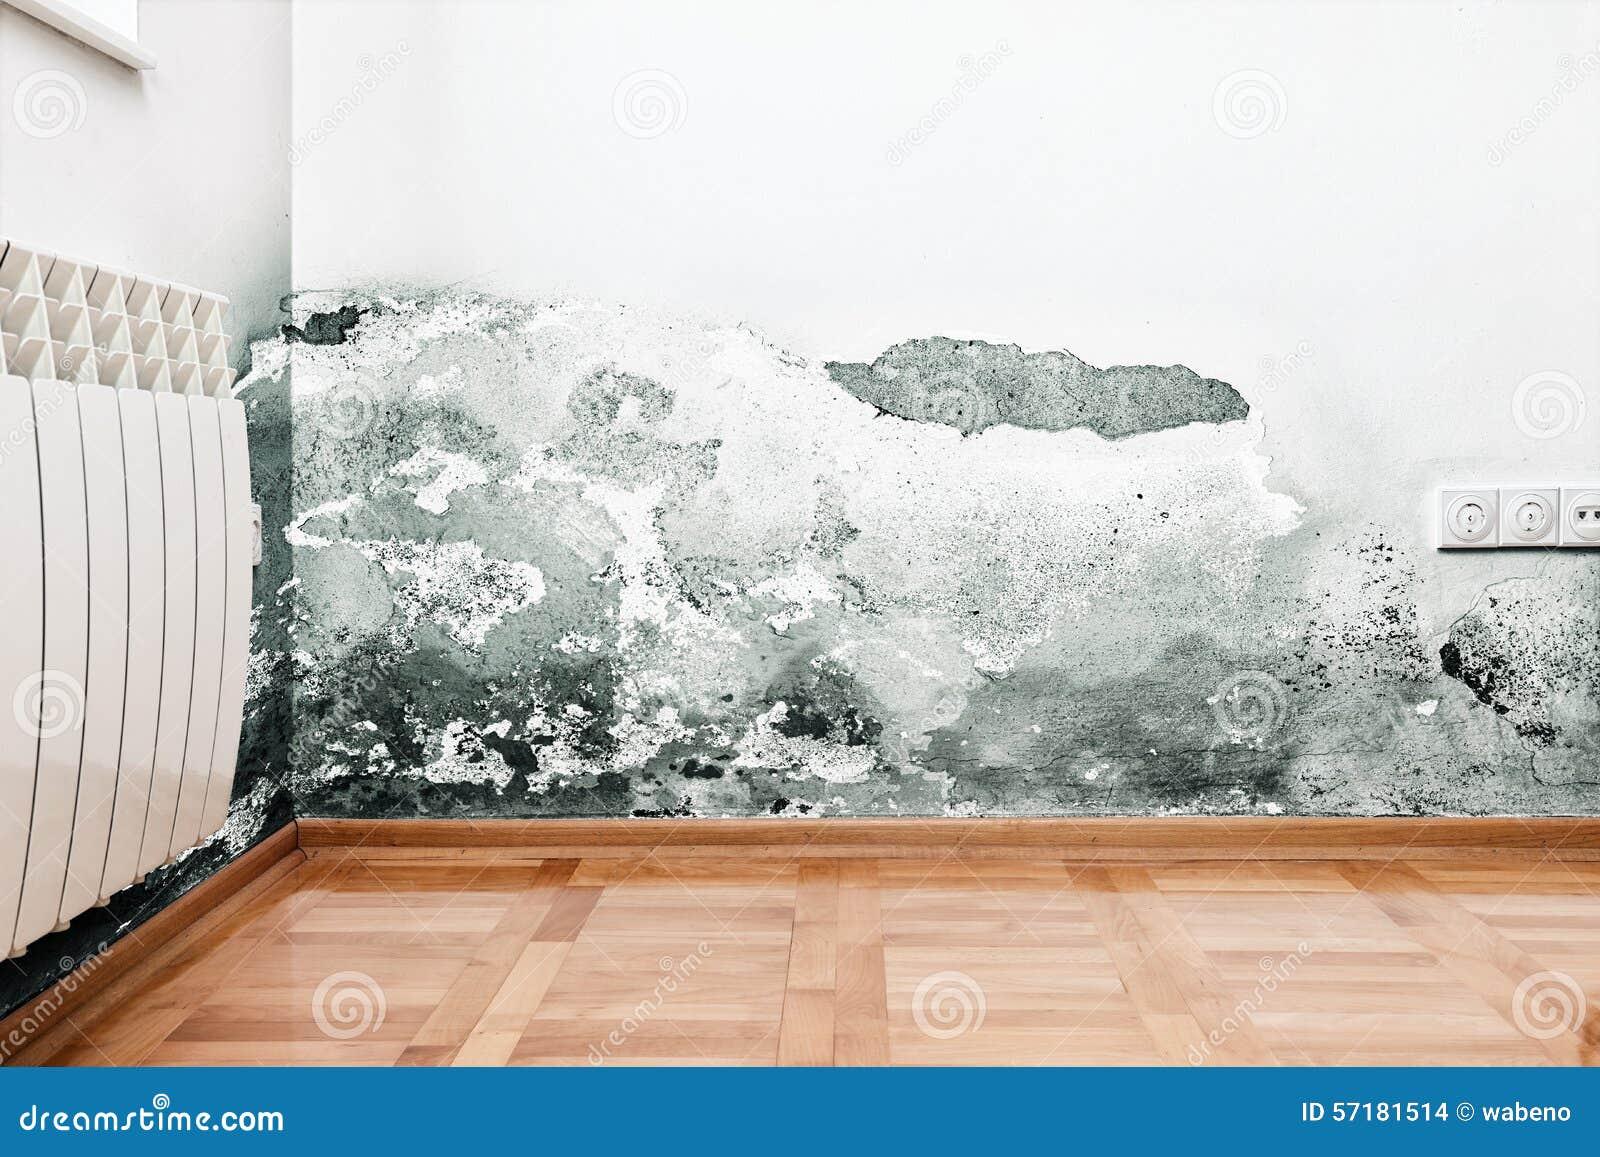 Humidité Dans Une Maison dommages provoqués par humidité sur un mur dans la maison